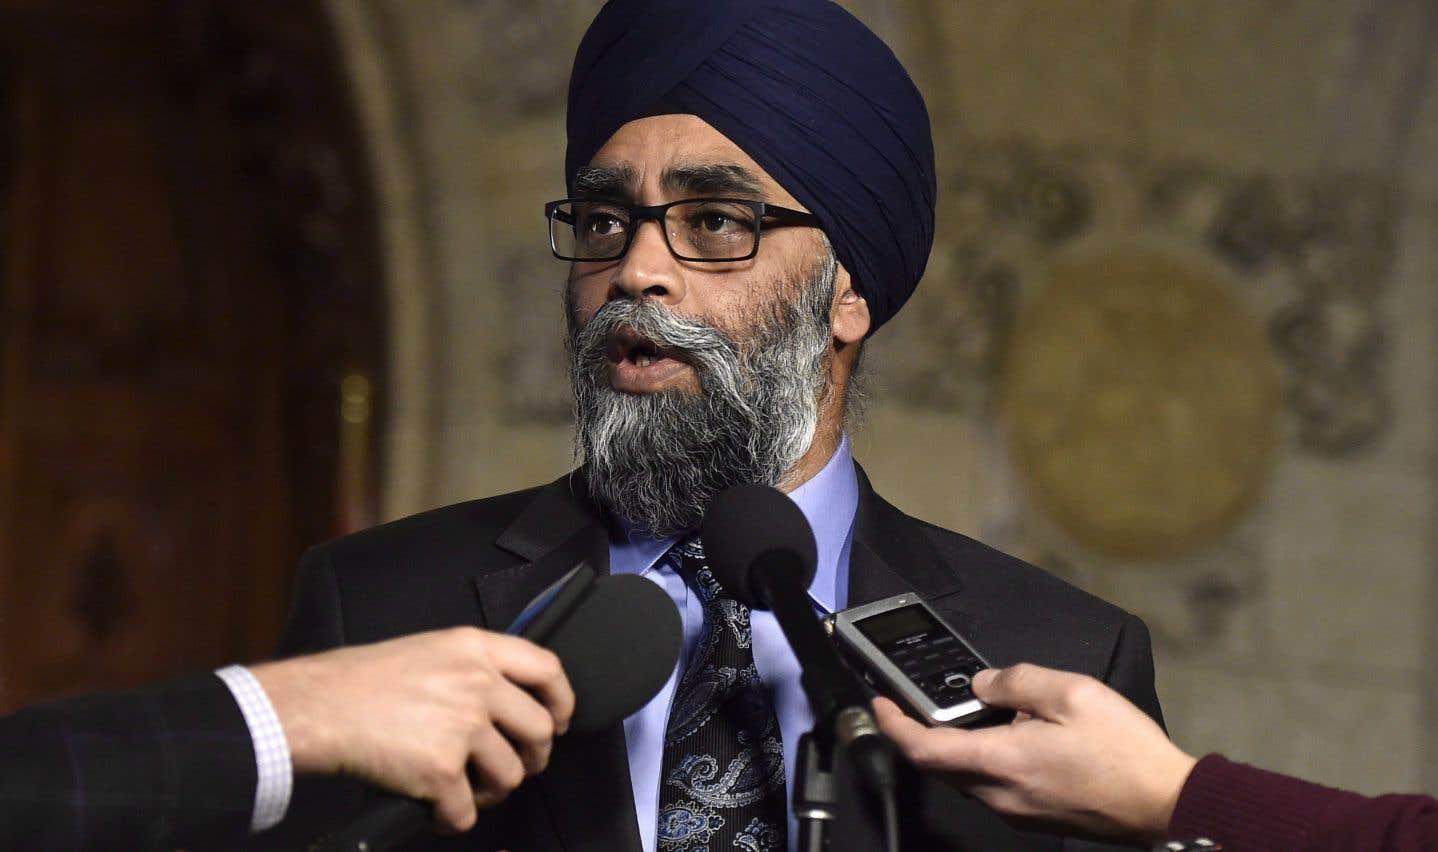 «Nous sommes impatients d'entamer les discussions en vue de permettre aux victimes de guérir et de tourner la page», a déclaré le ministre de la Défense, Harjit Sajjan.